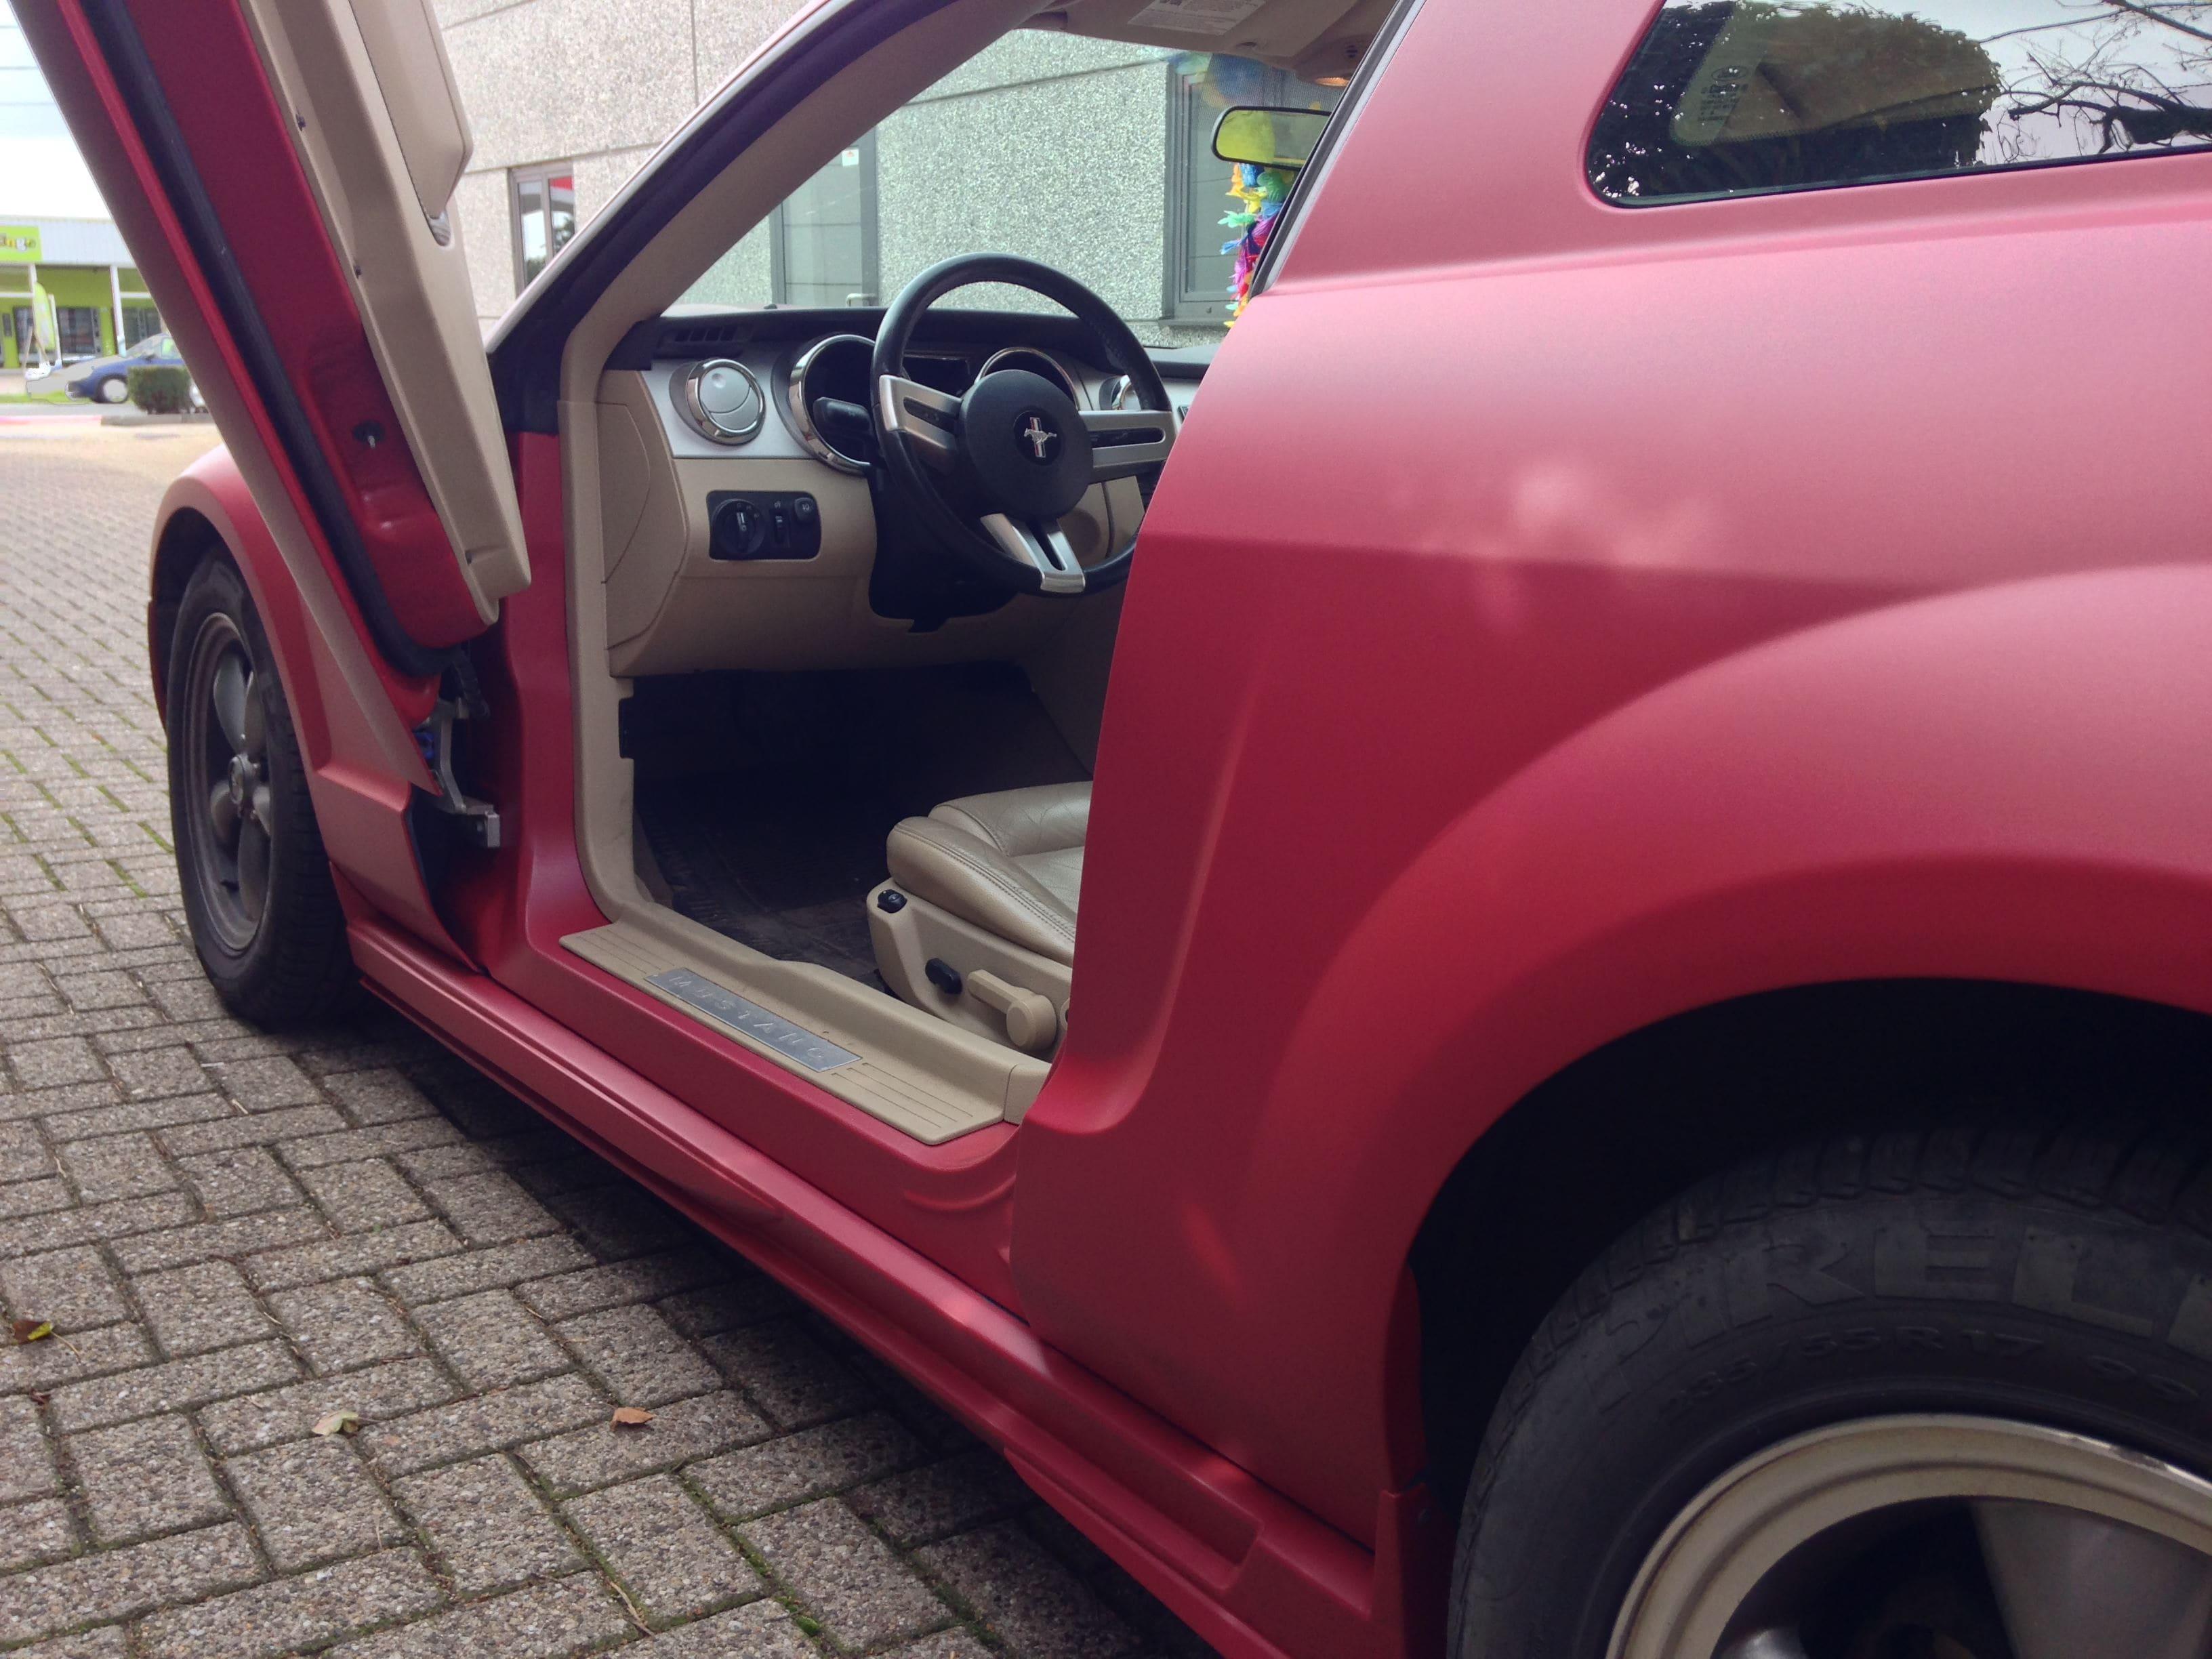 Ford Mustang 2009 met Mat Rode wrap, Carwrapping door Wrapmyride.nu Foto-nr:5831, ©2020